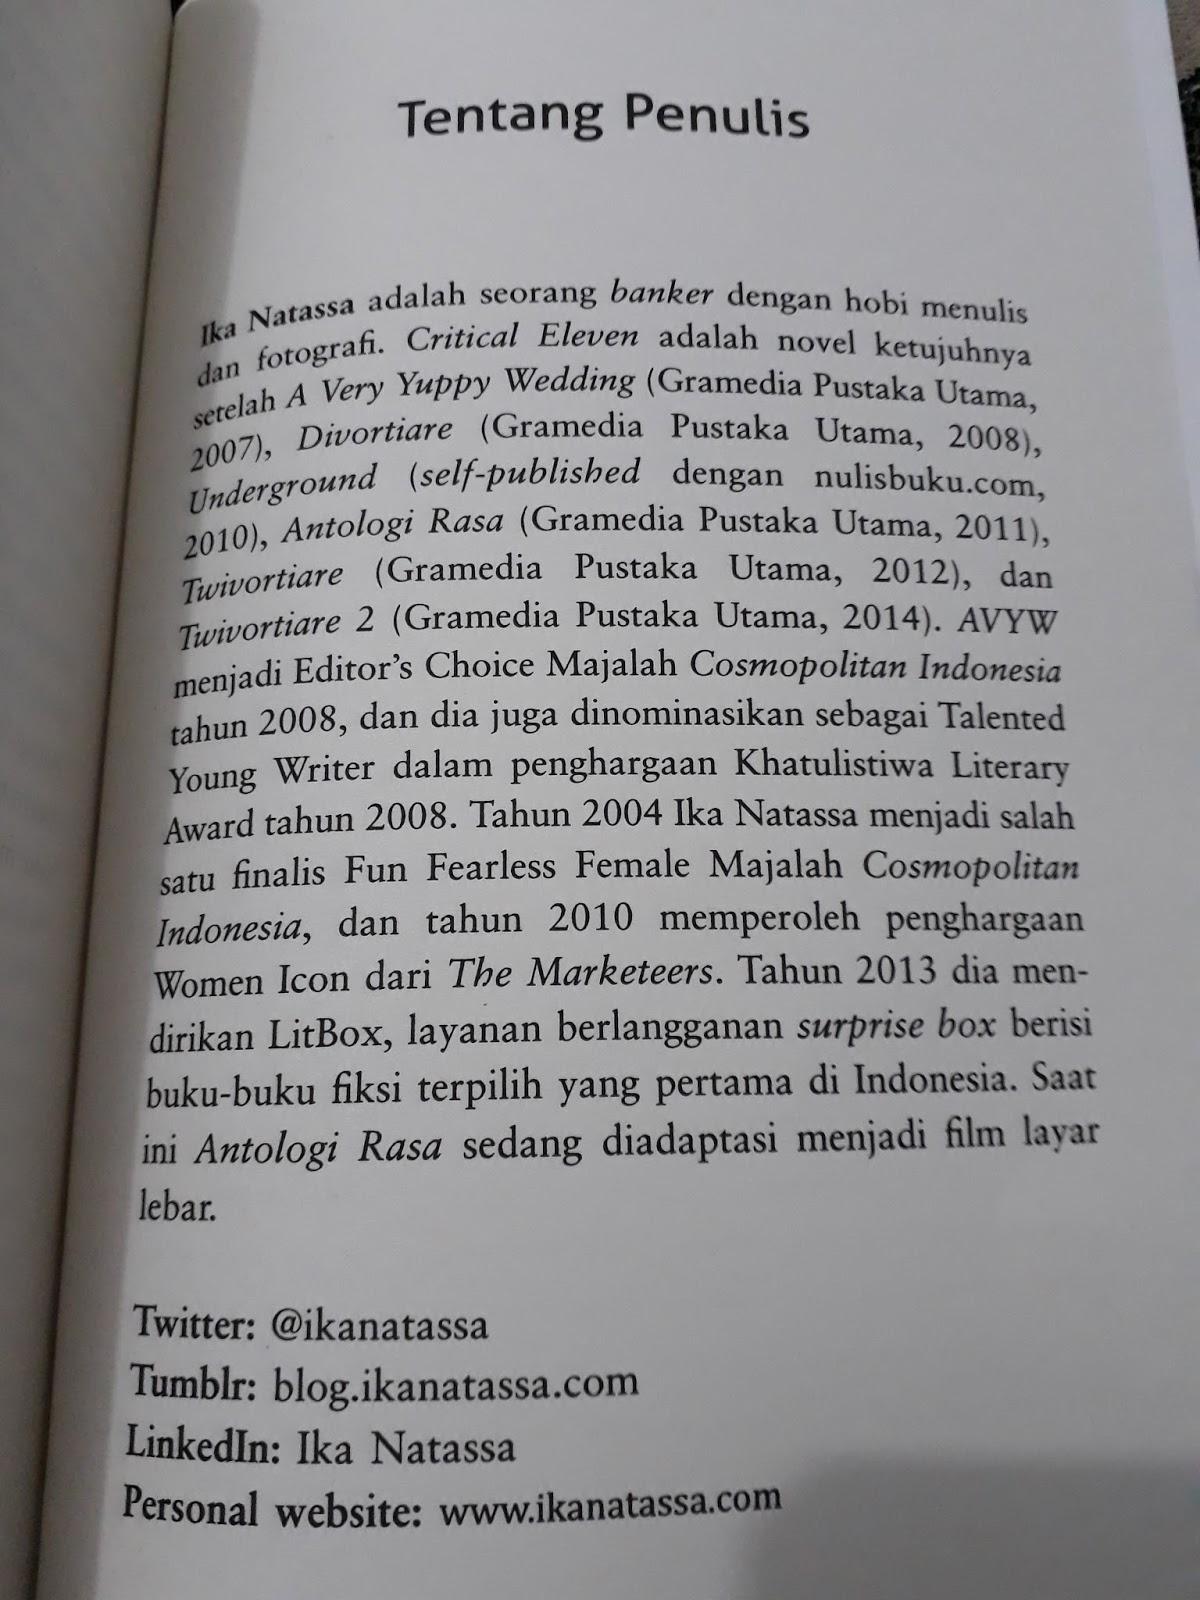 Kornelius Ginting Tanya Dan Ale Dititik Kritisnya Resensi Novel